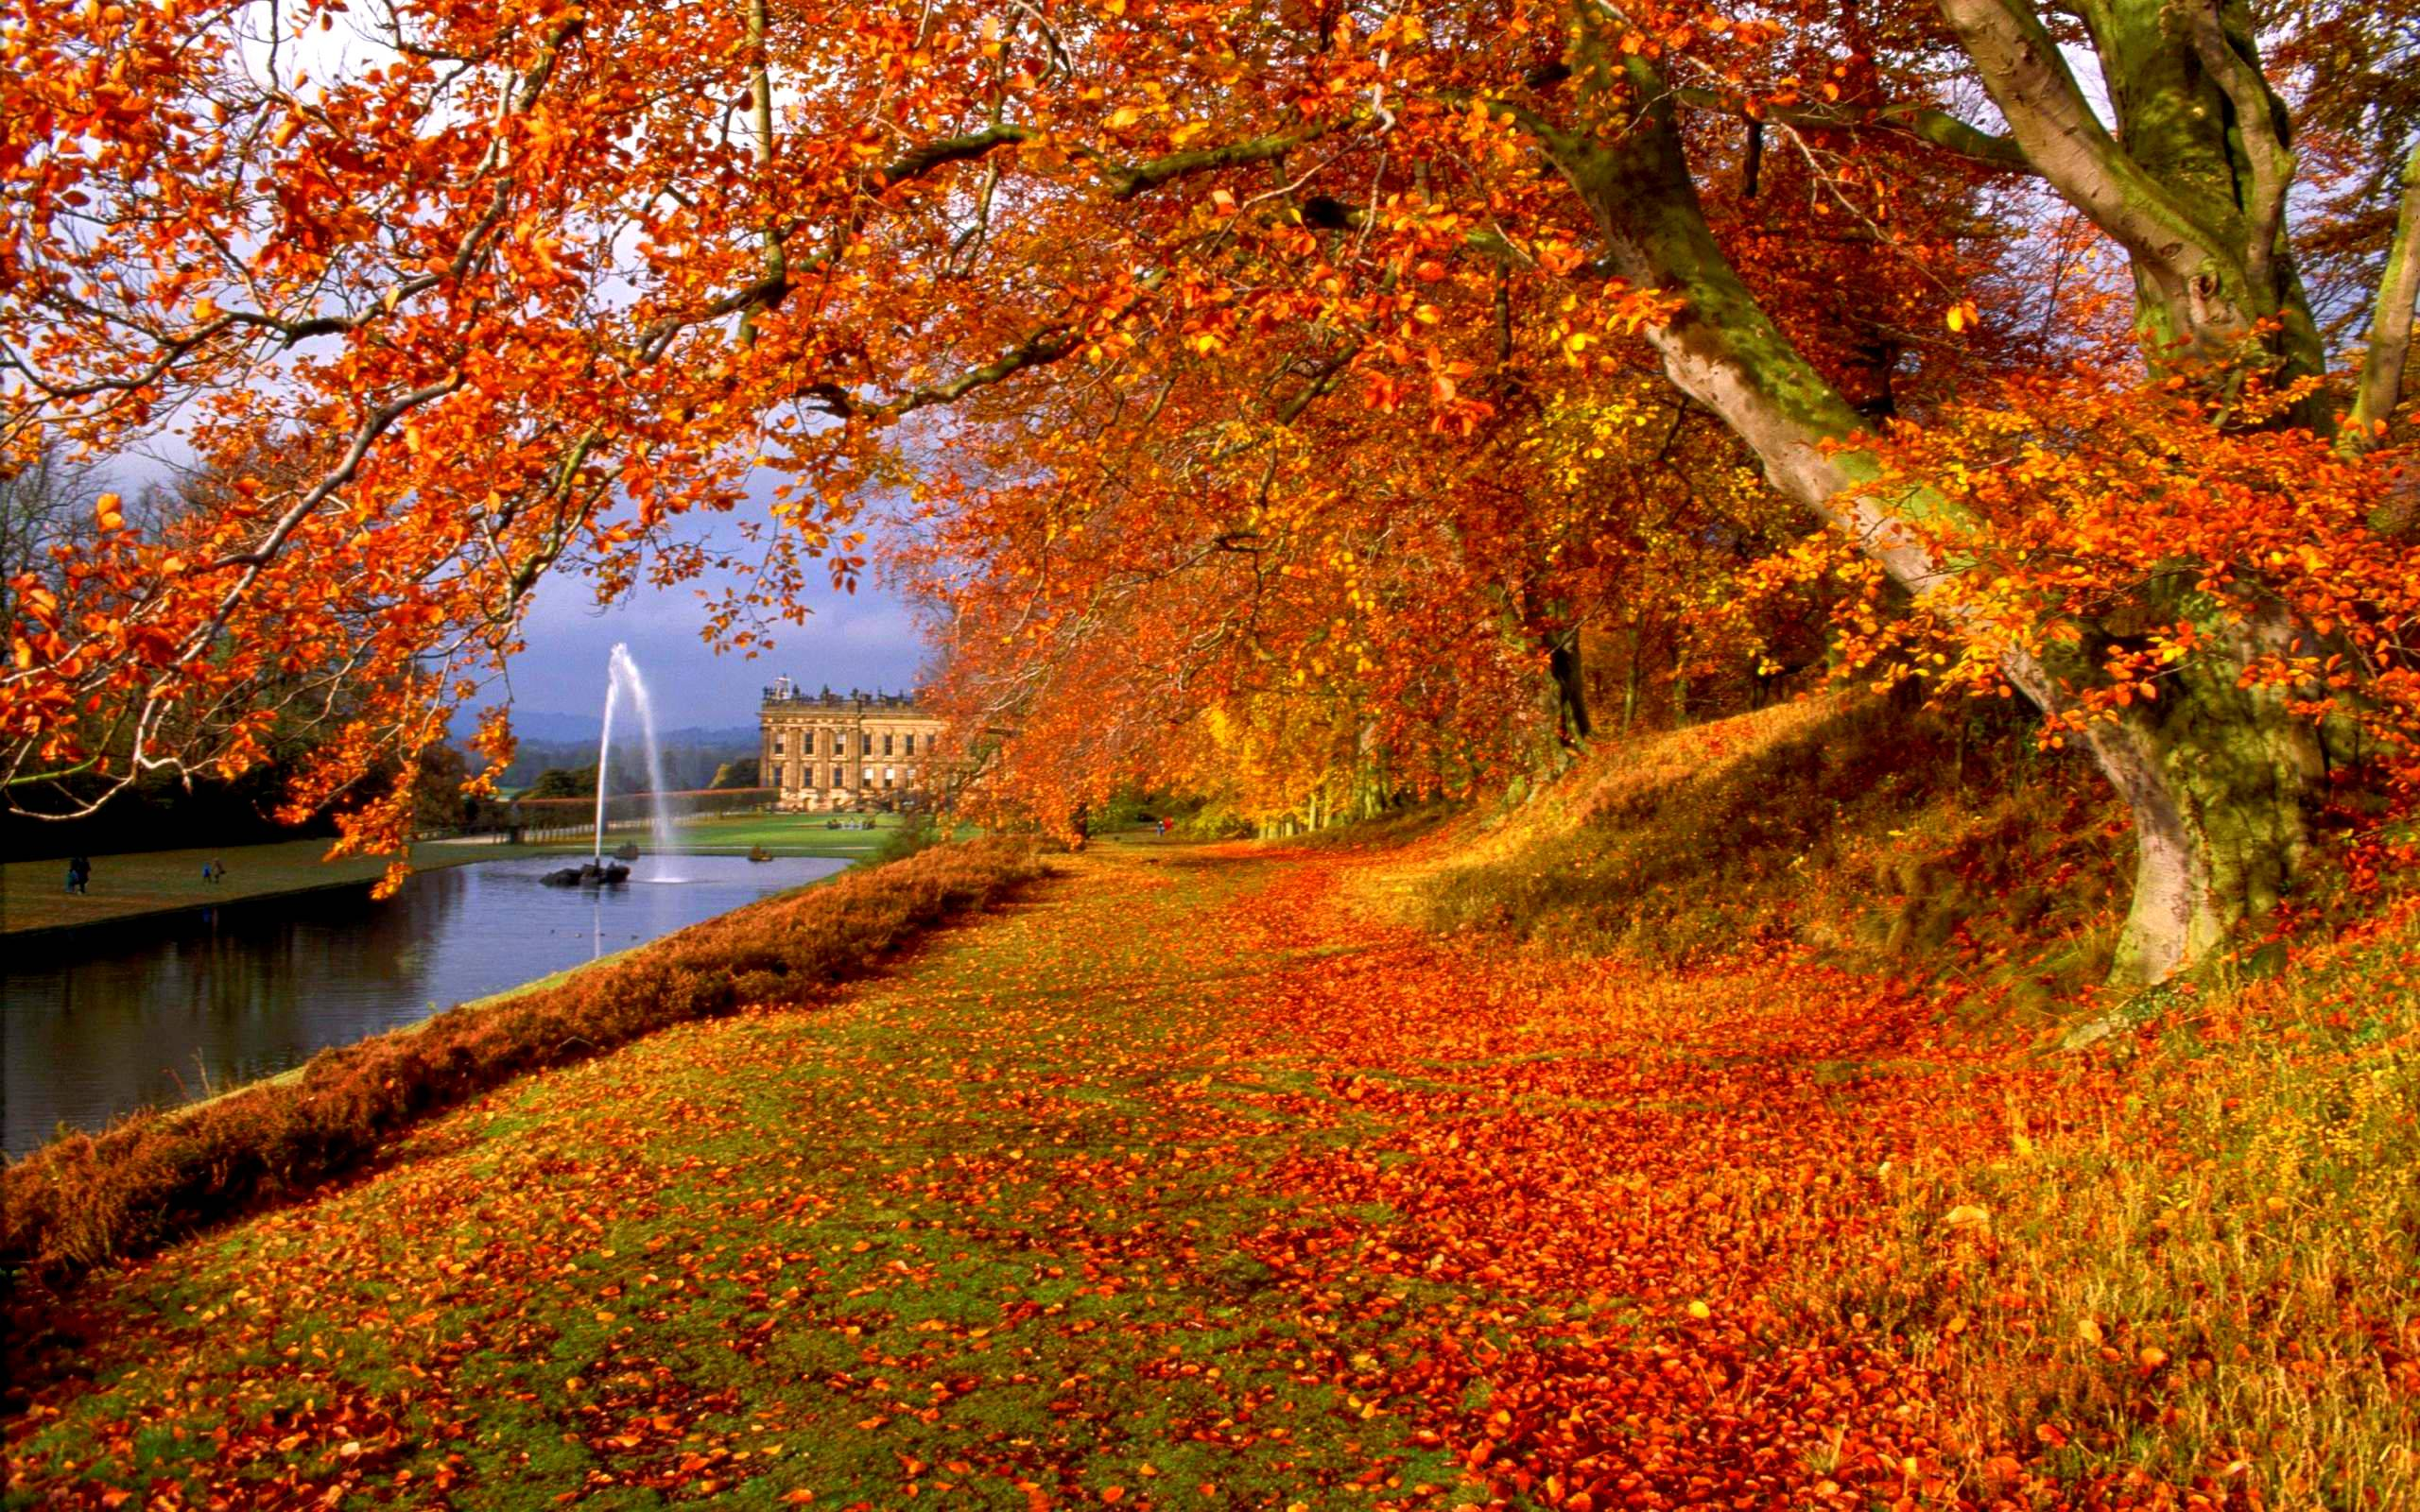 Autumn Wallpaper Backgrounds 2560x1600